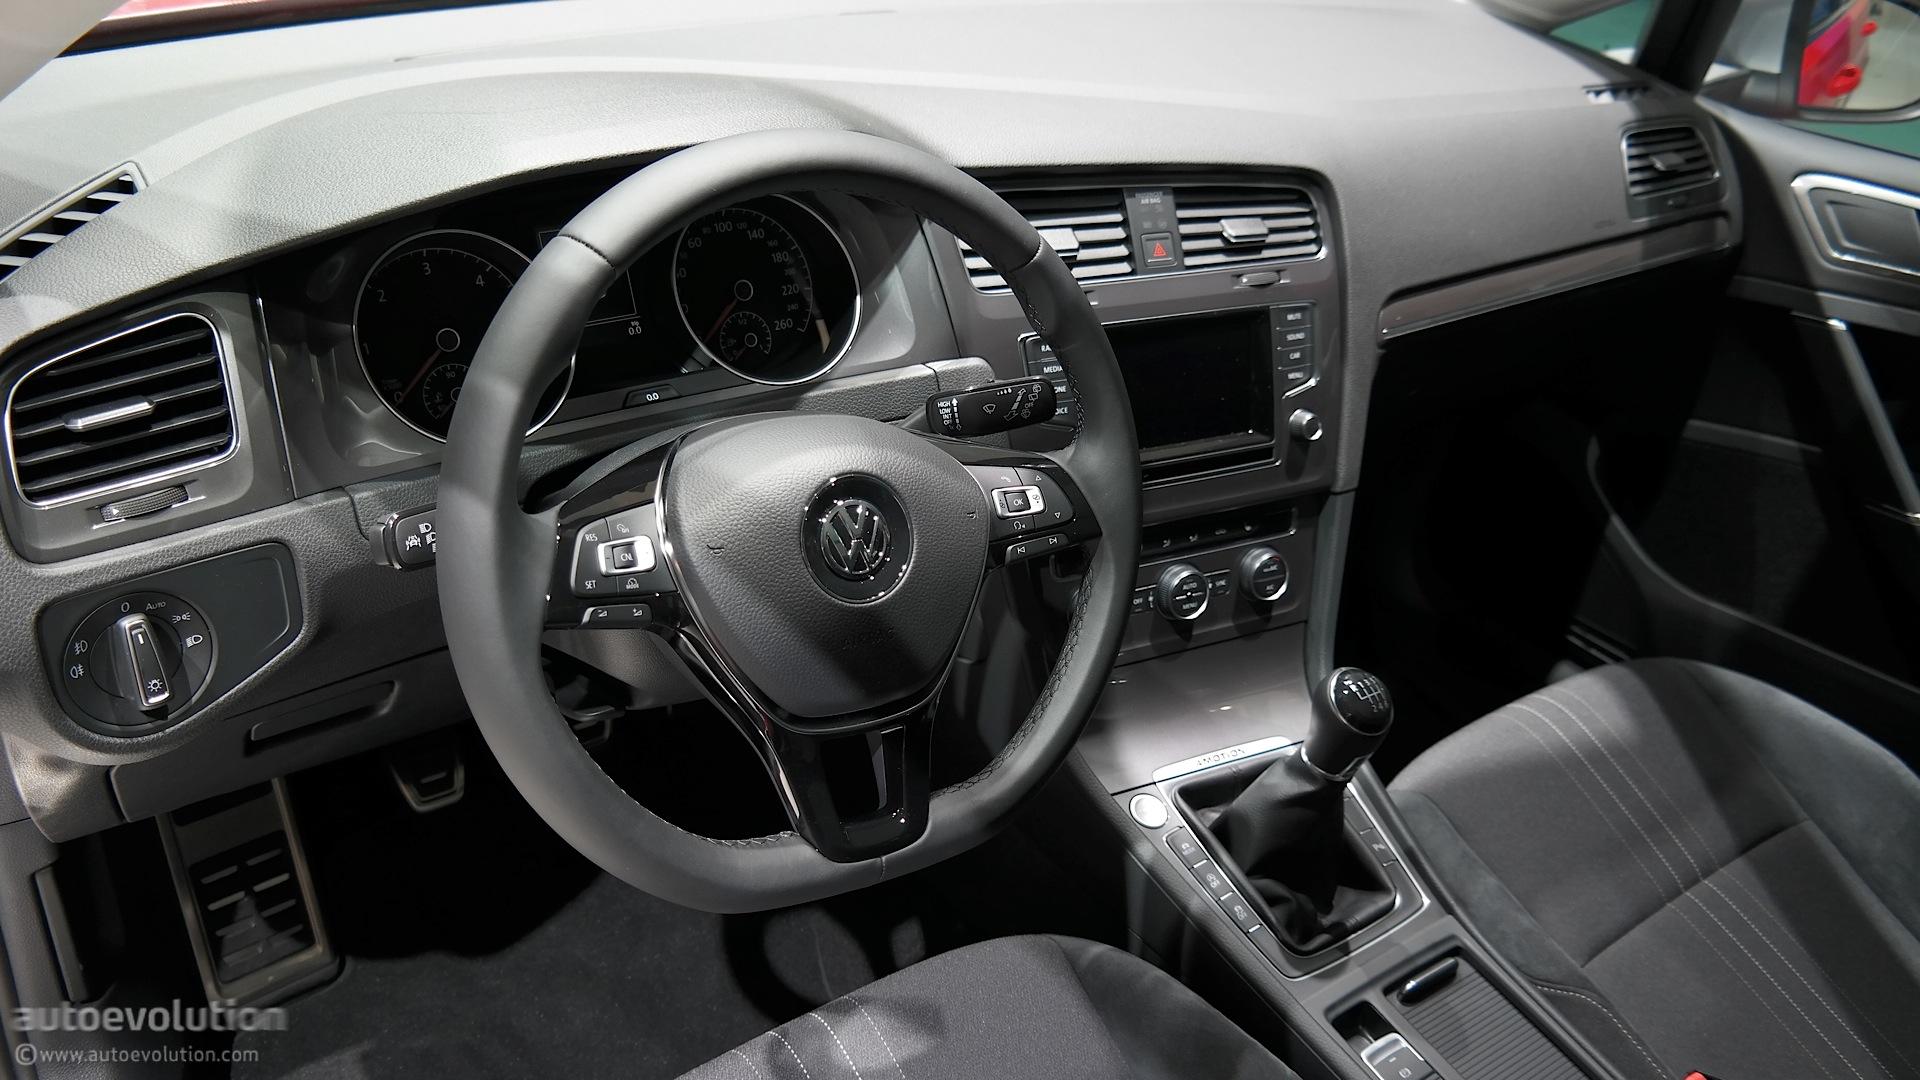 Volkswagen Shows 2016 Canada Volkswagen Golf Alltrack Unveiled German Compact Goes Offroad